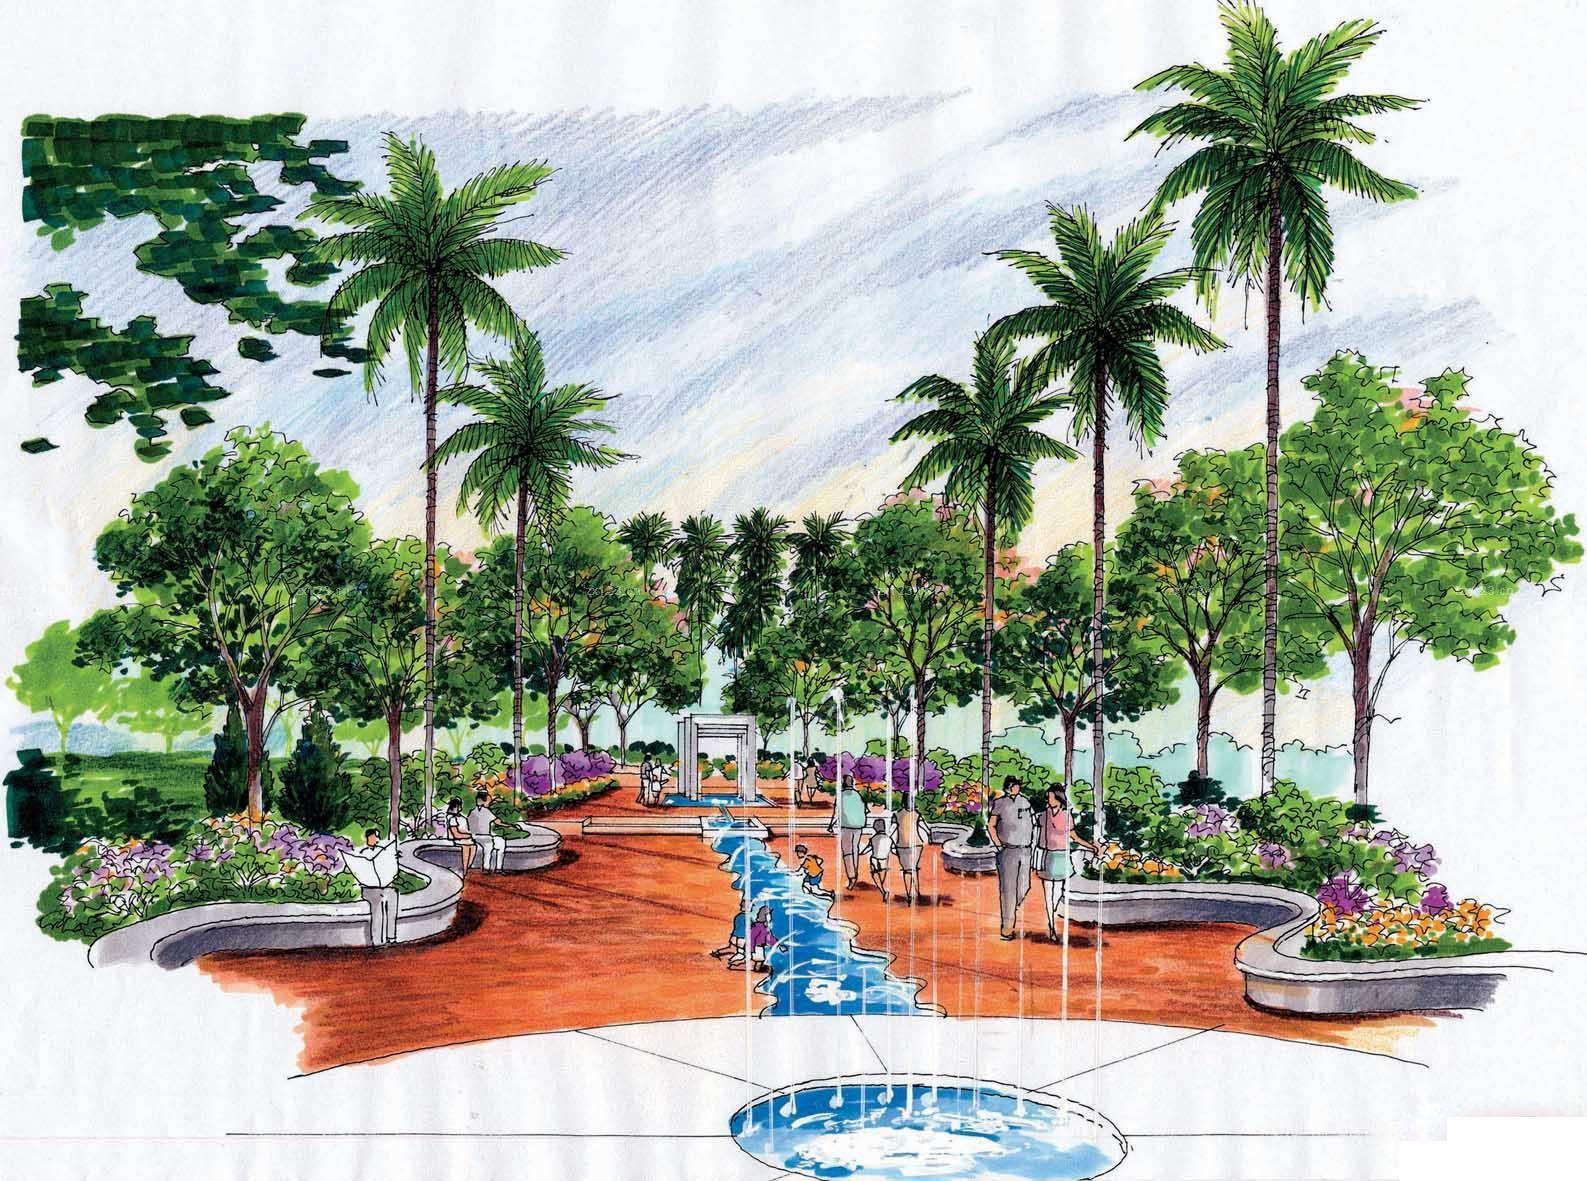 海景别墅景观手绘效果图片